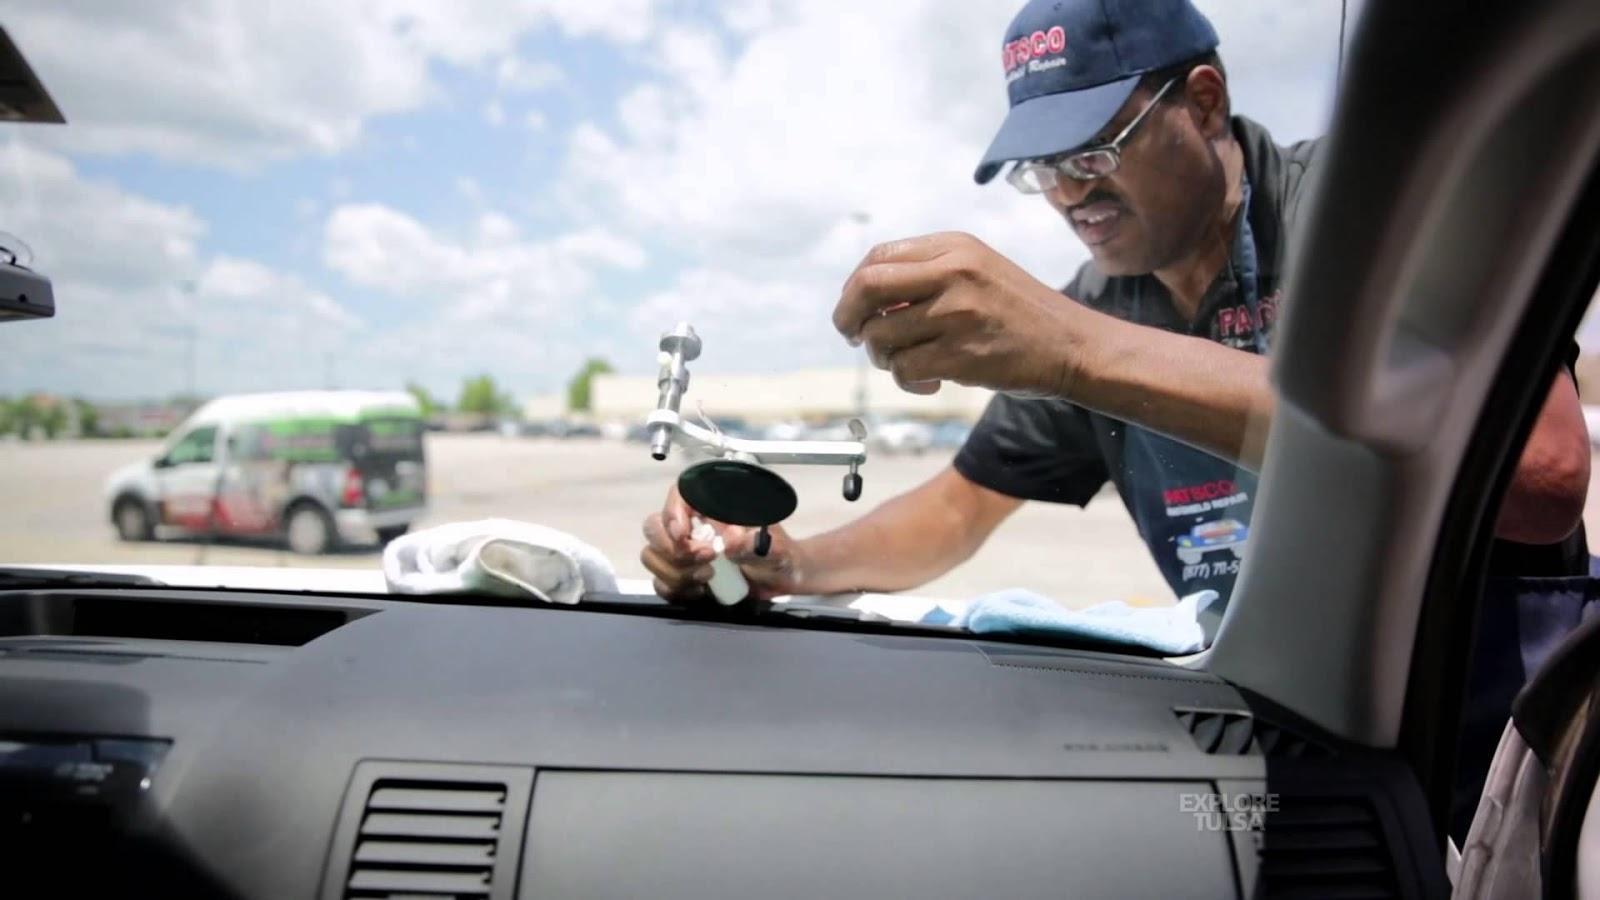 Auto Glass Repair - Windshield Repair (877) 717-5520 (FREE